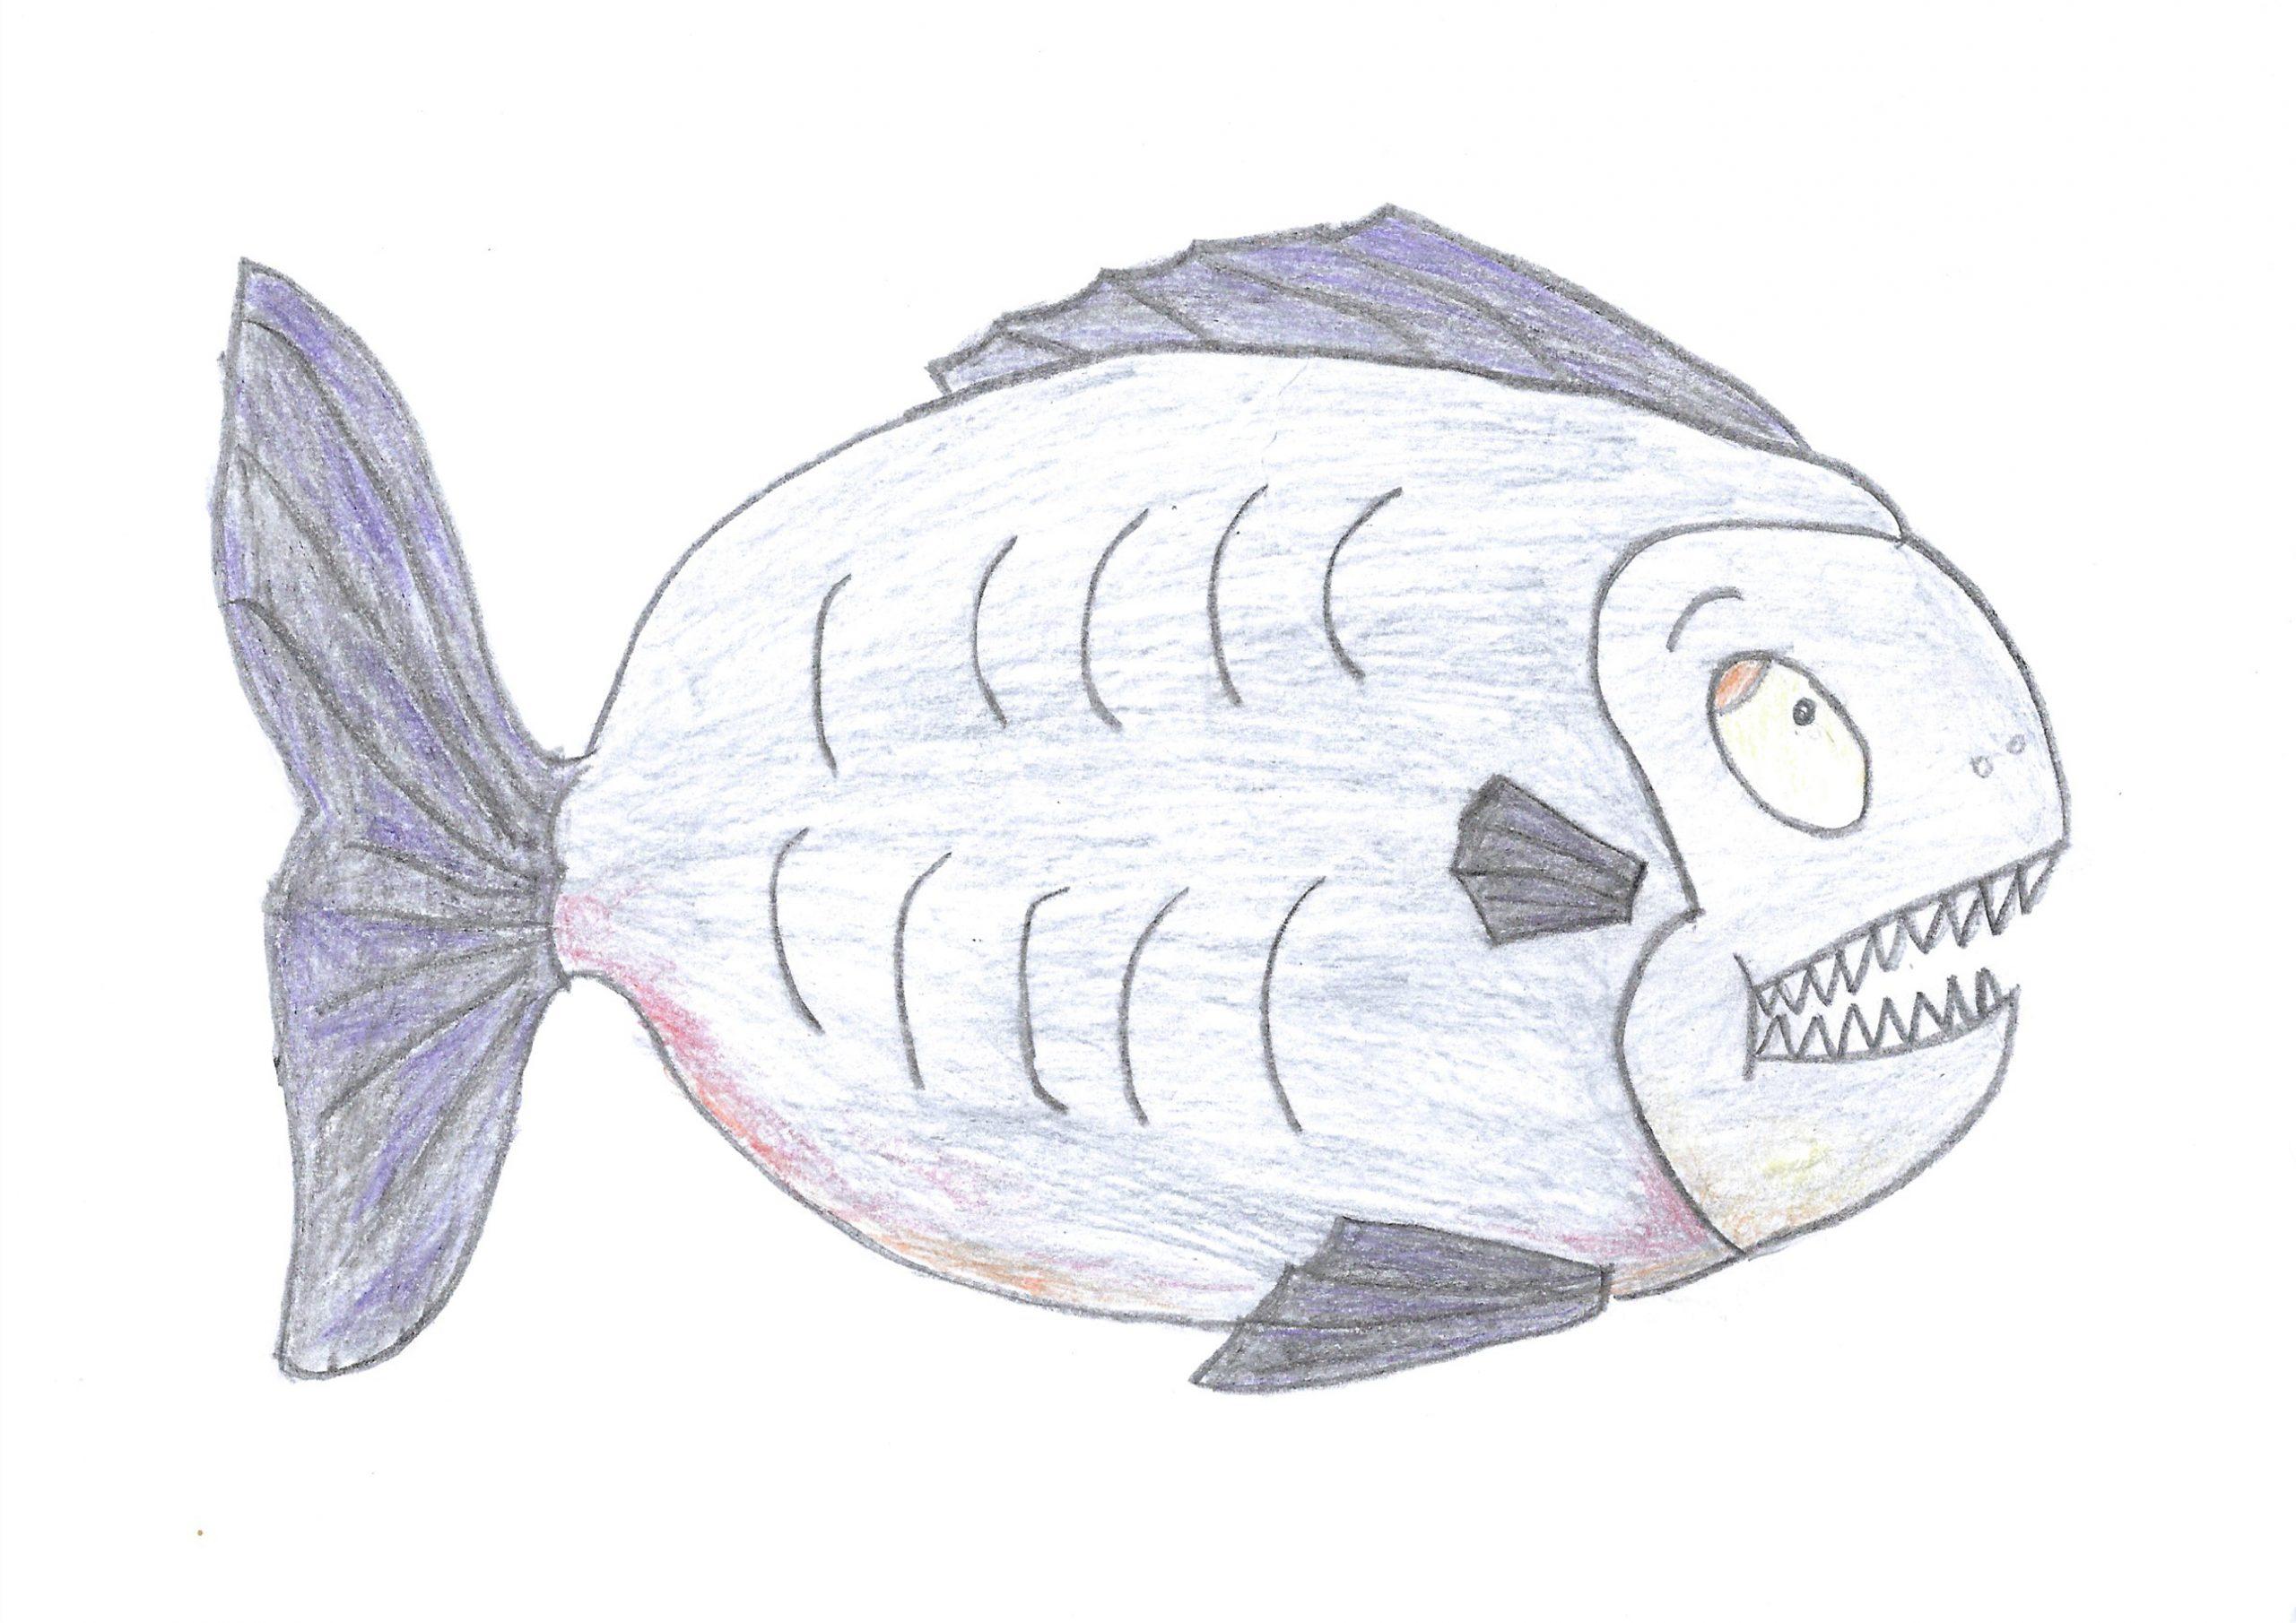 Parãi — The piranha